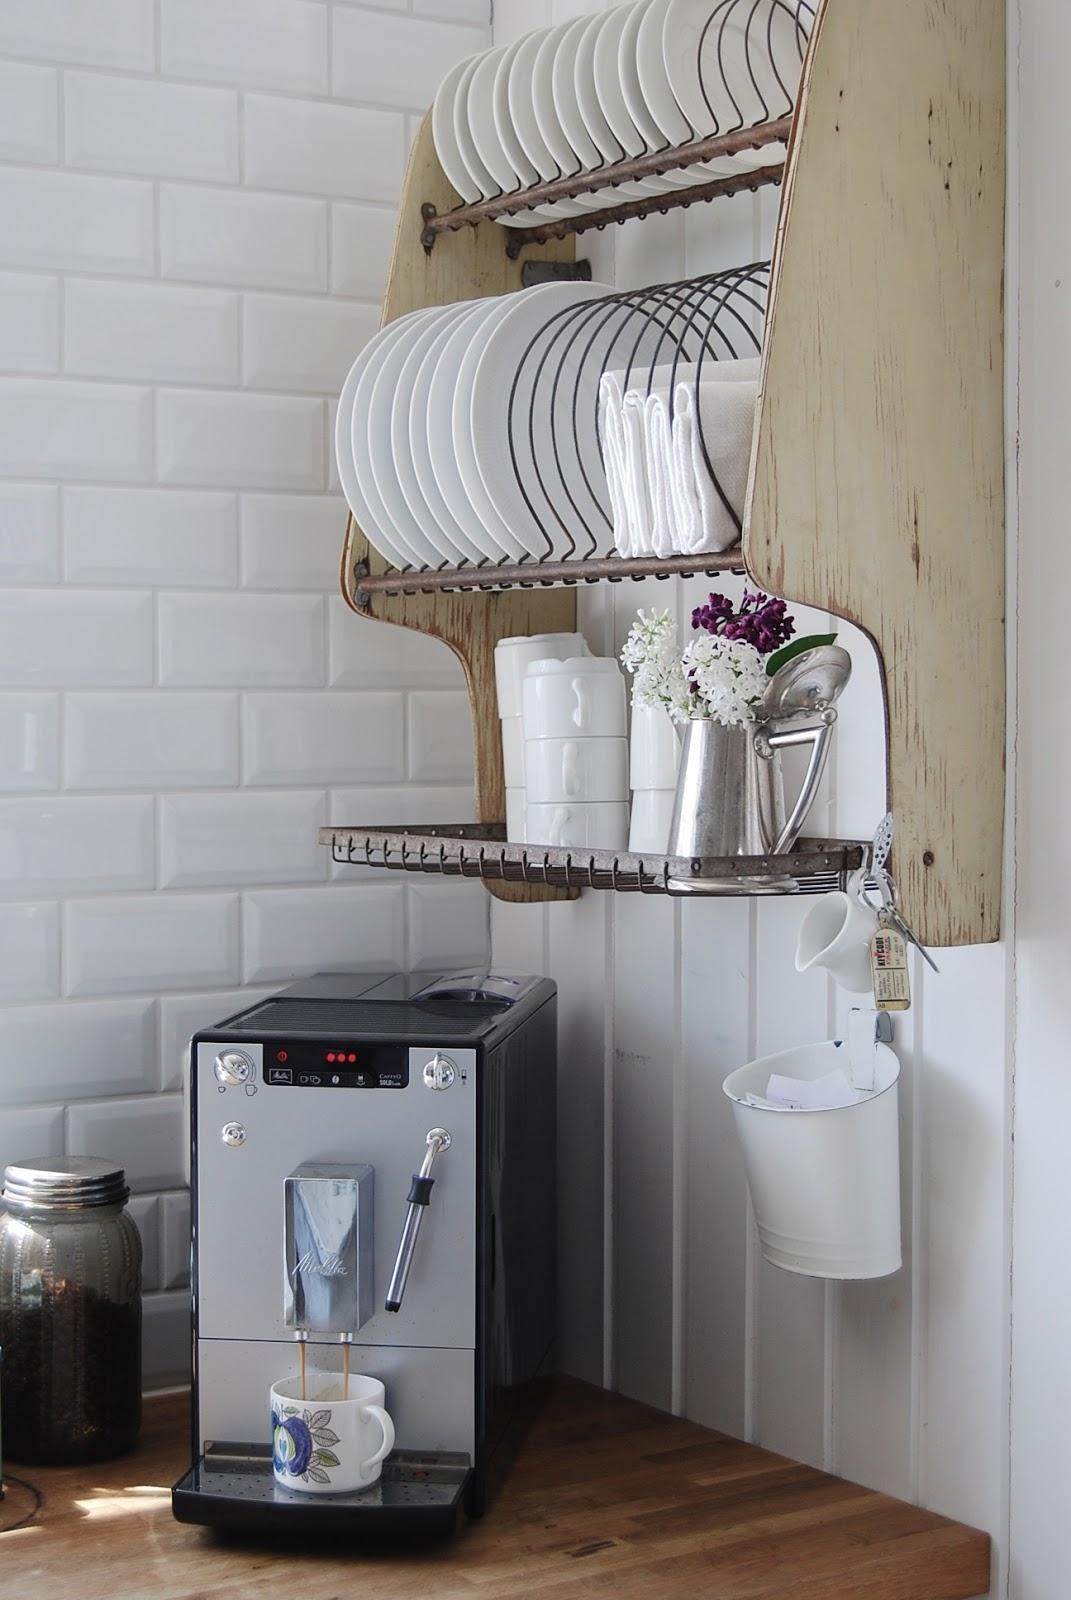 rak piring gantung desain simple di kitchen set kekinian